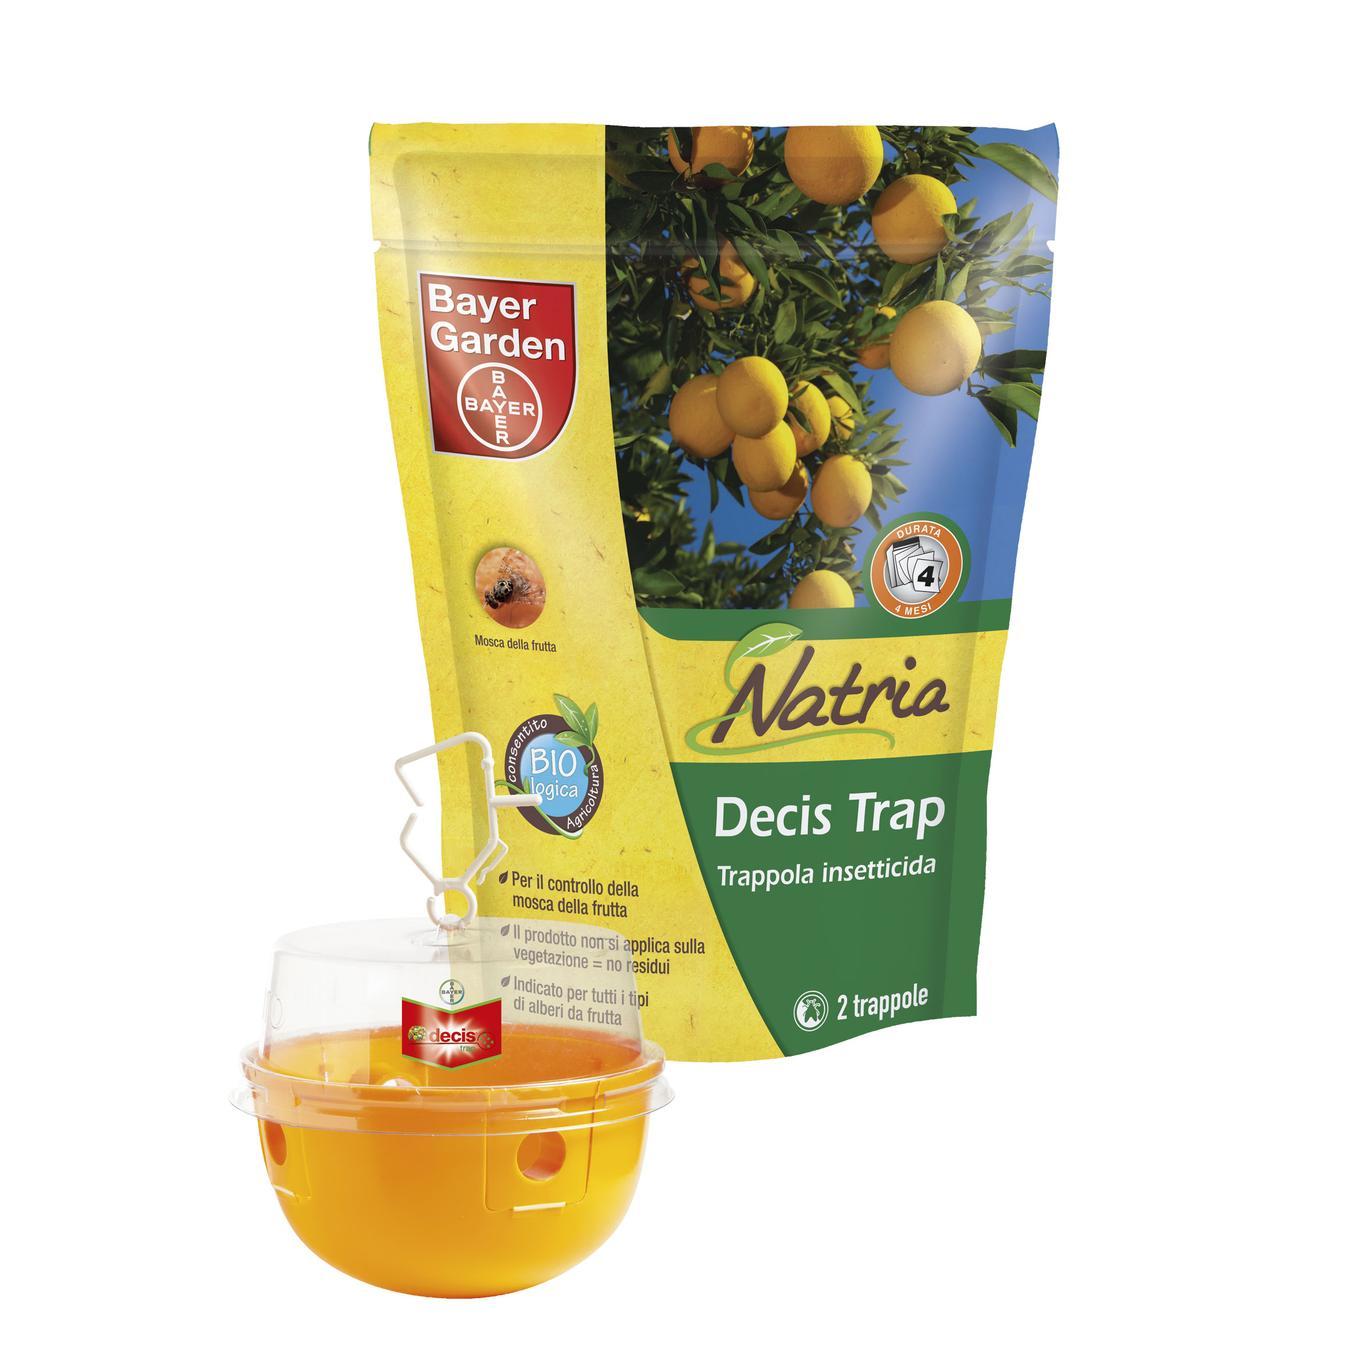 Decis Trap Natria trappola insetticida pronta uso confezione 2pz